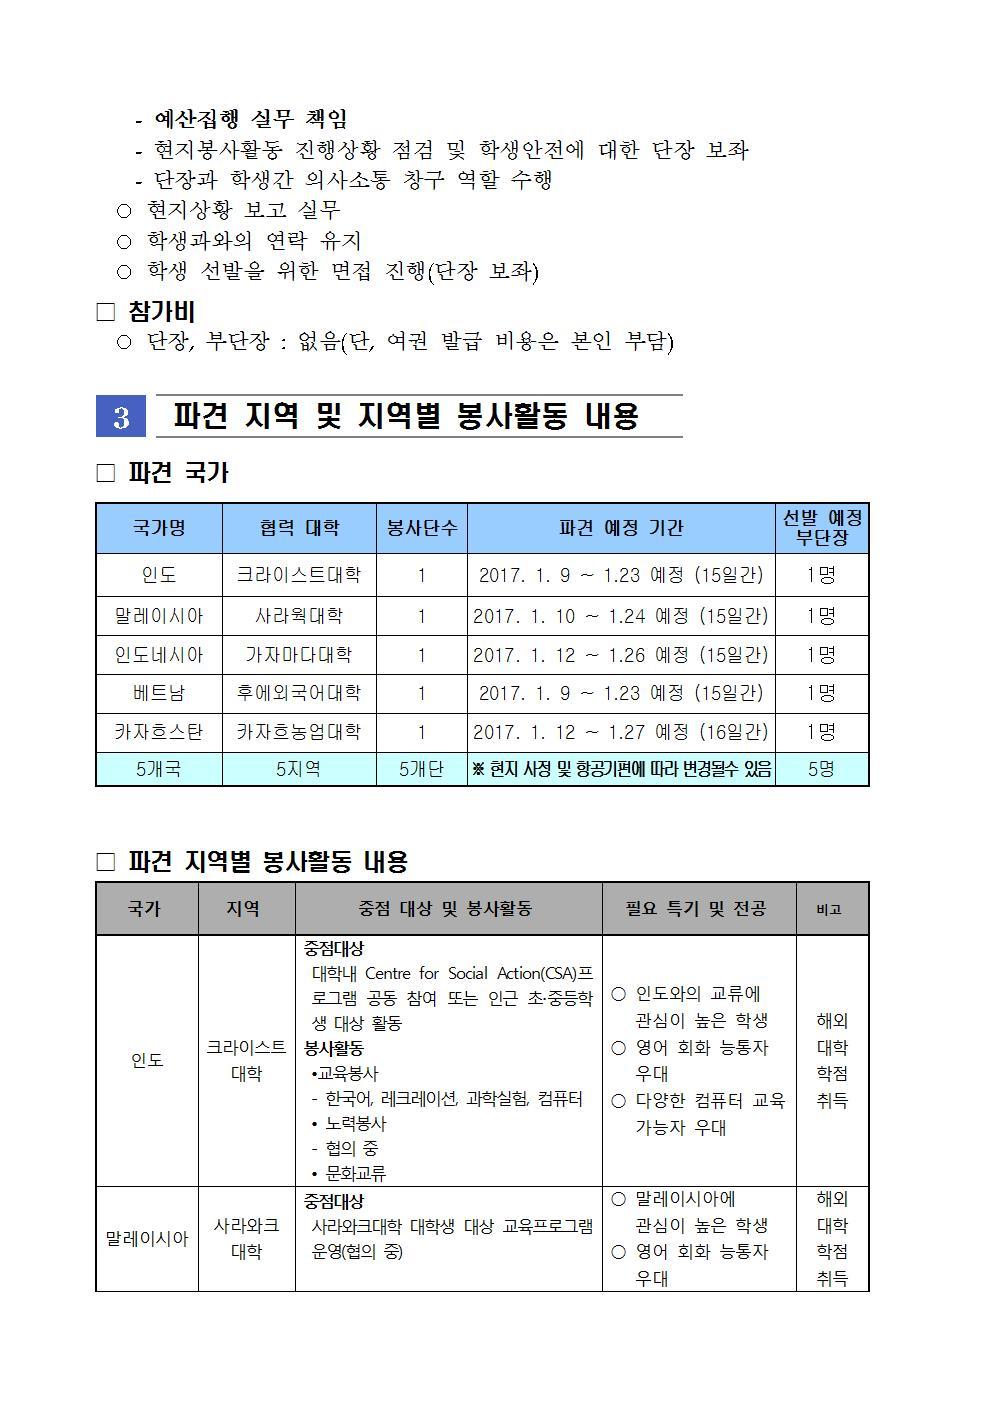 해외봉사활동 계획002.jpg